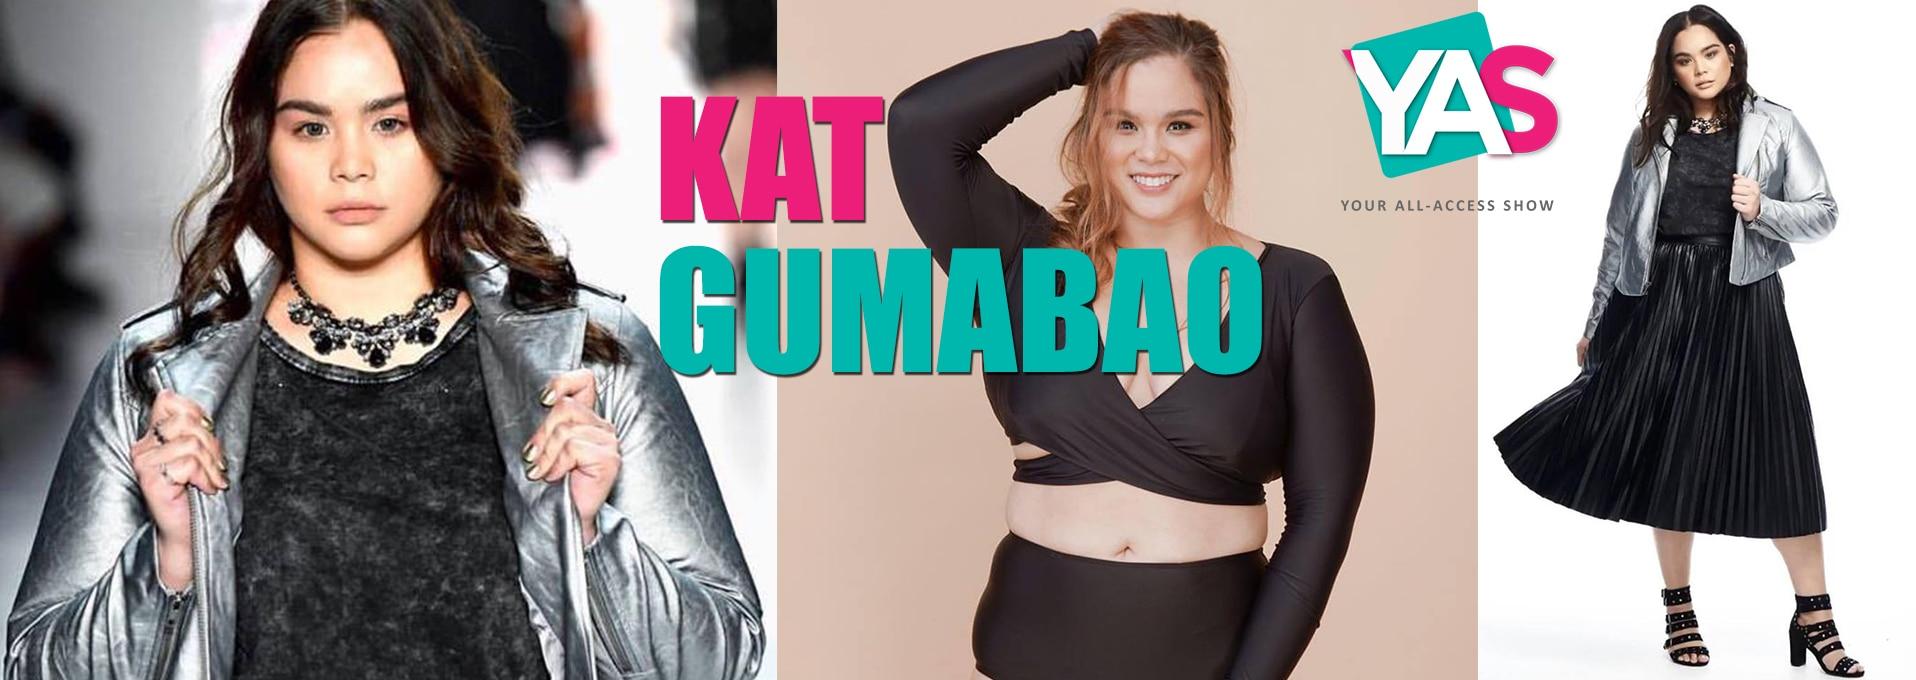 Kat Gumabao, NYFW